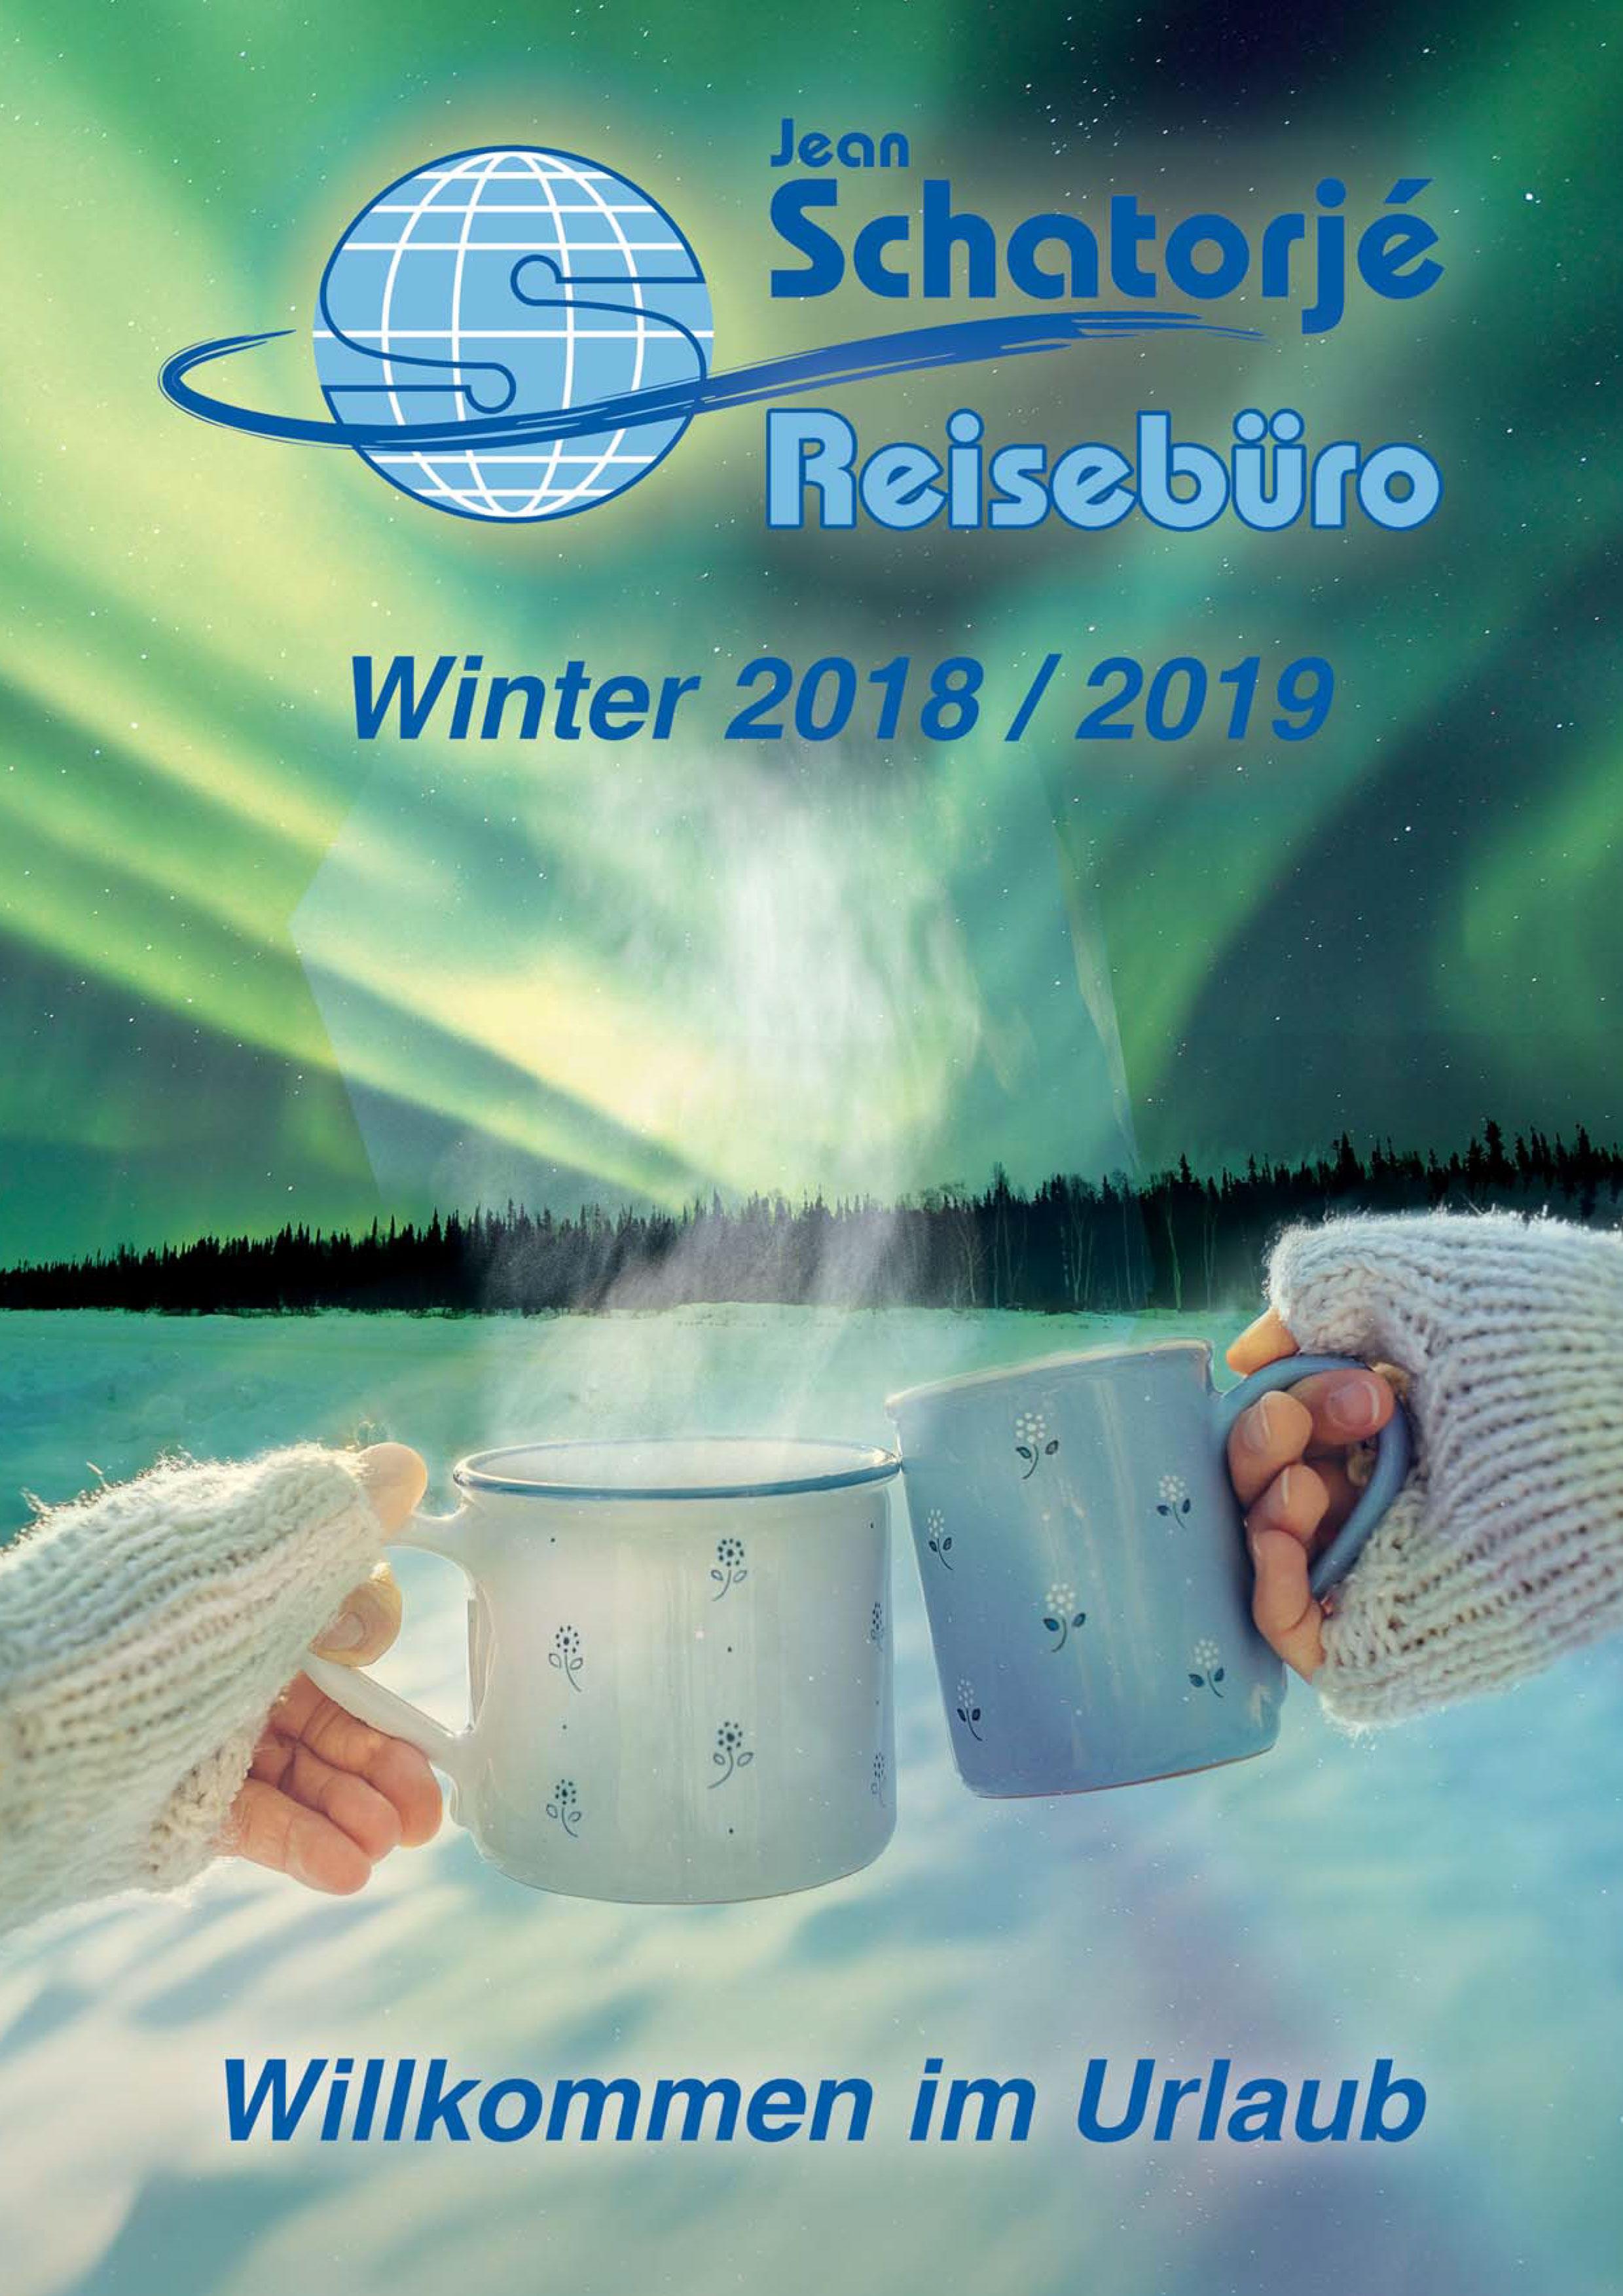 Schatorje 2018 Winter 2018 19 Schatorje